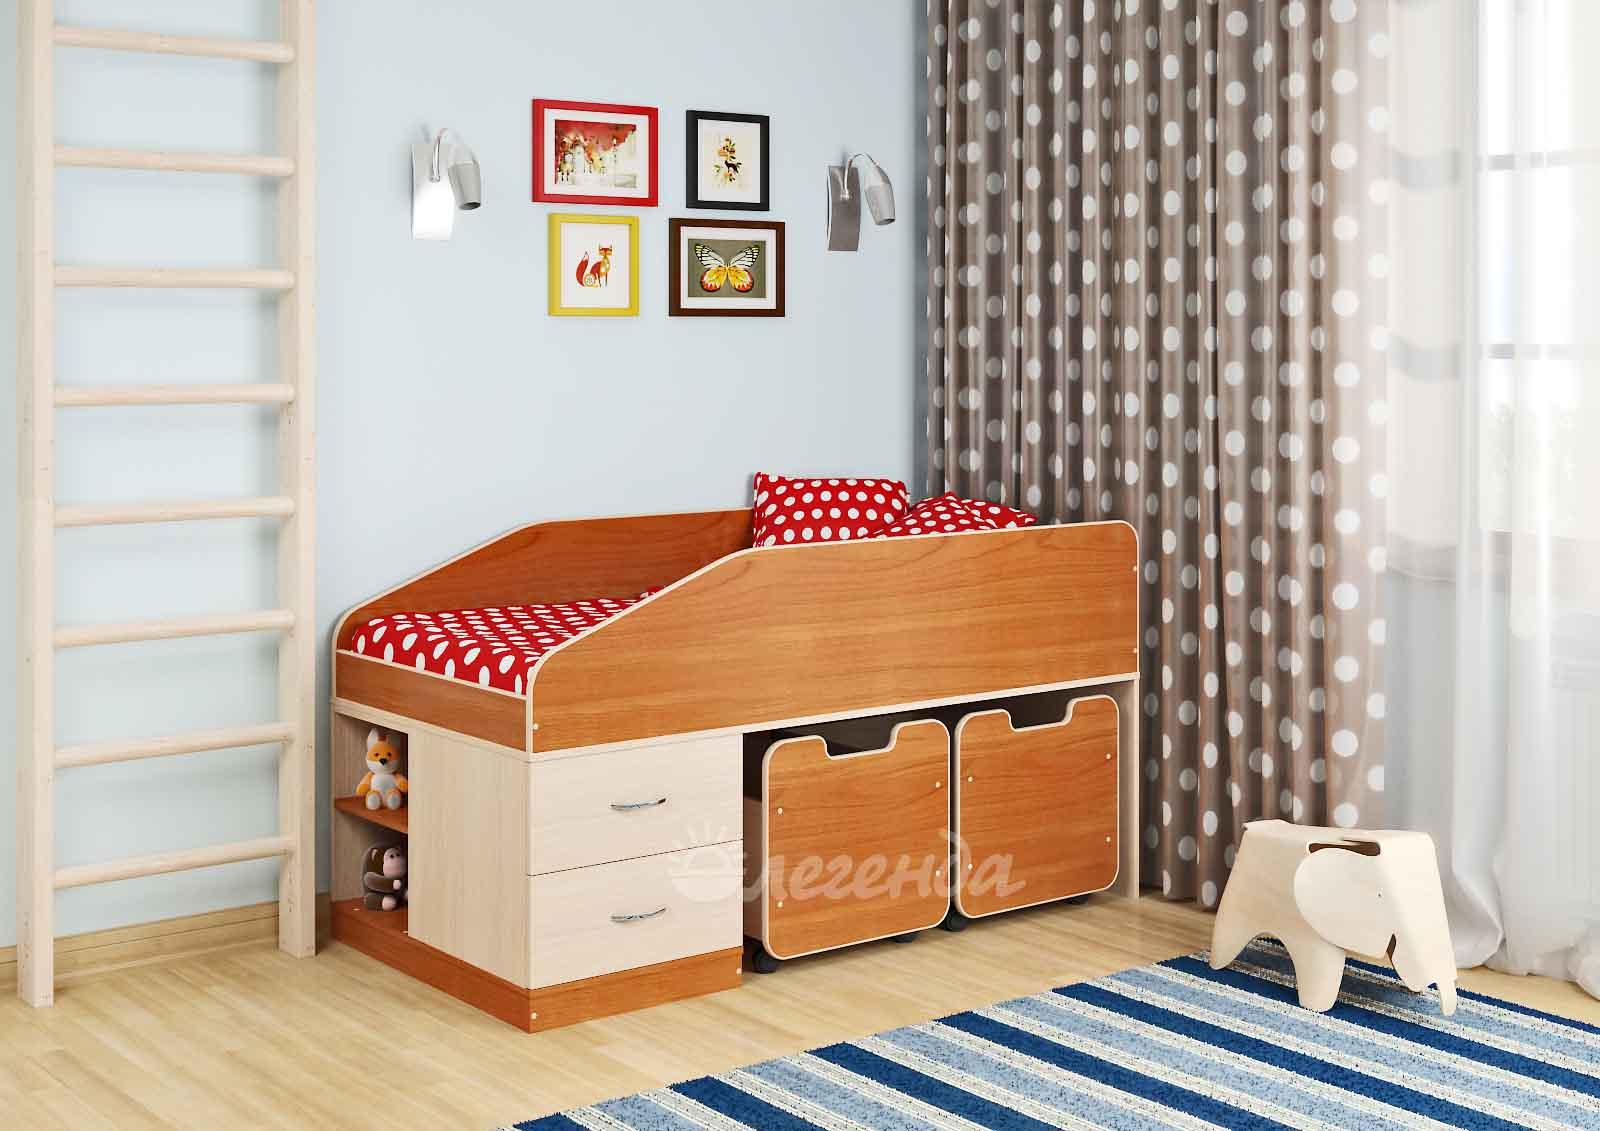 Мебель с доставкой! - кровать Чердак легенда москва.